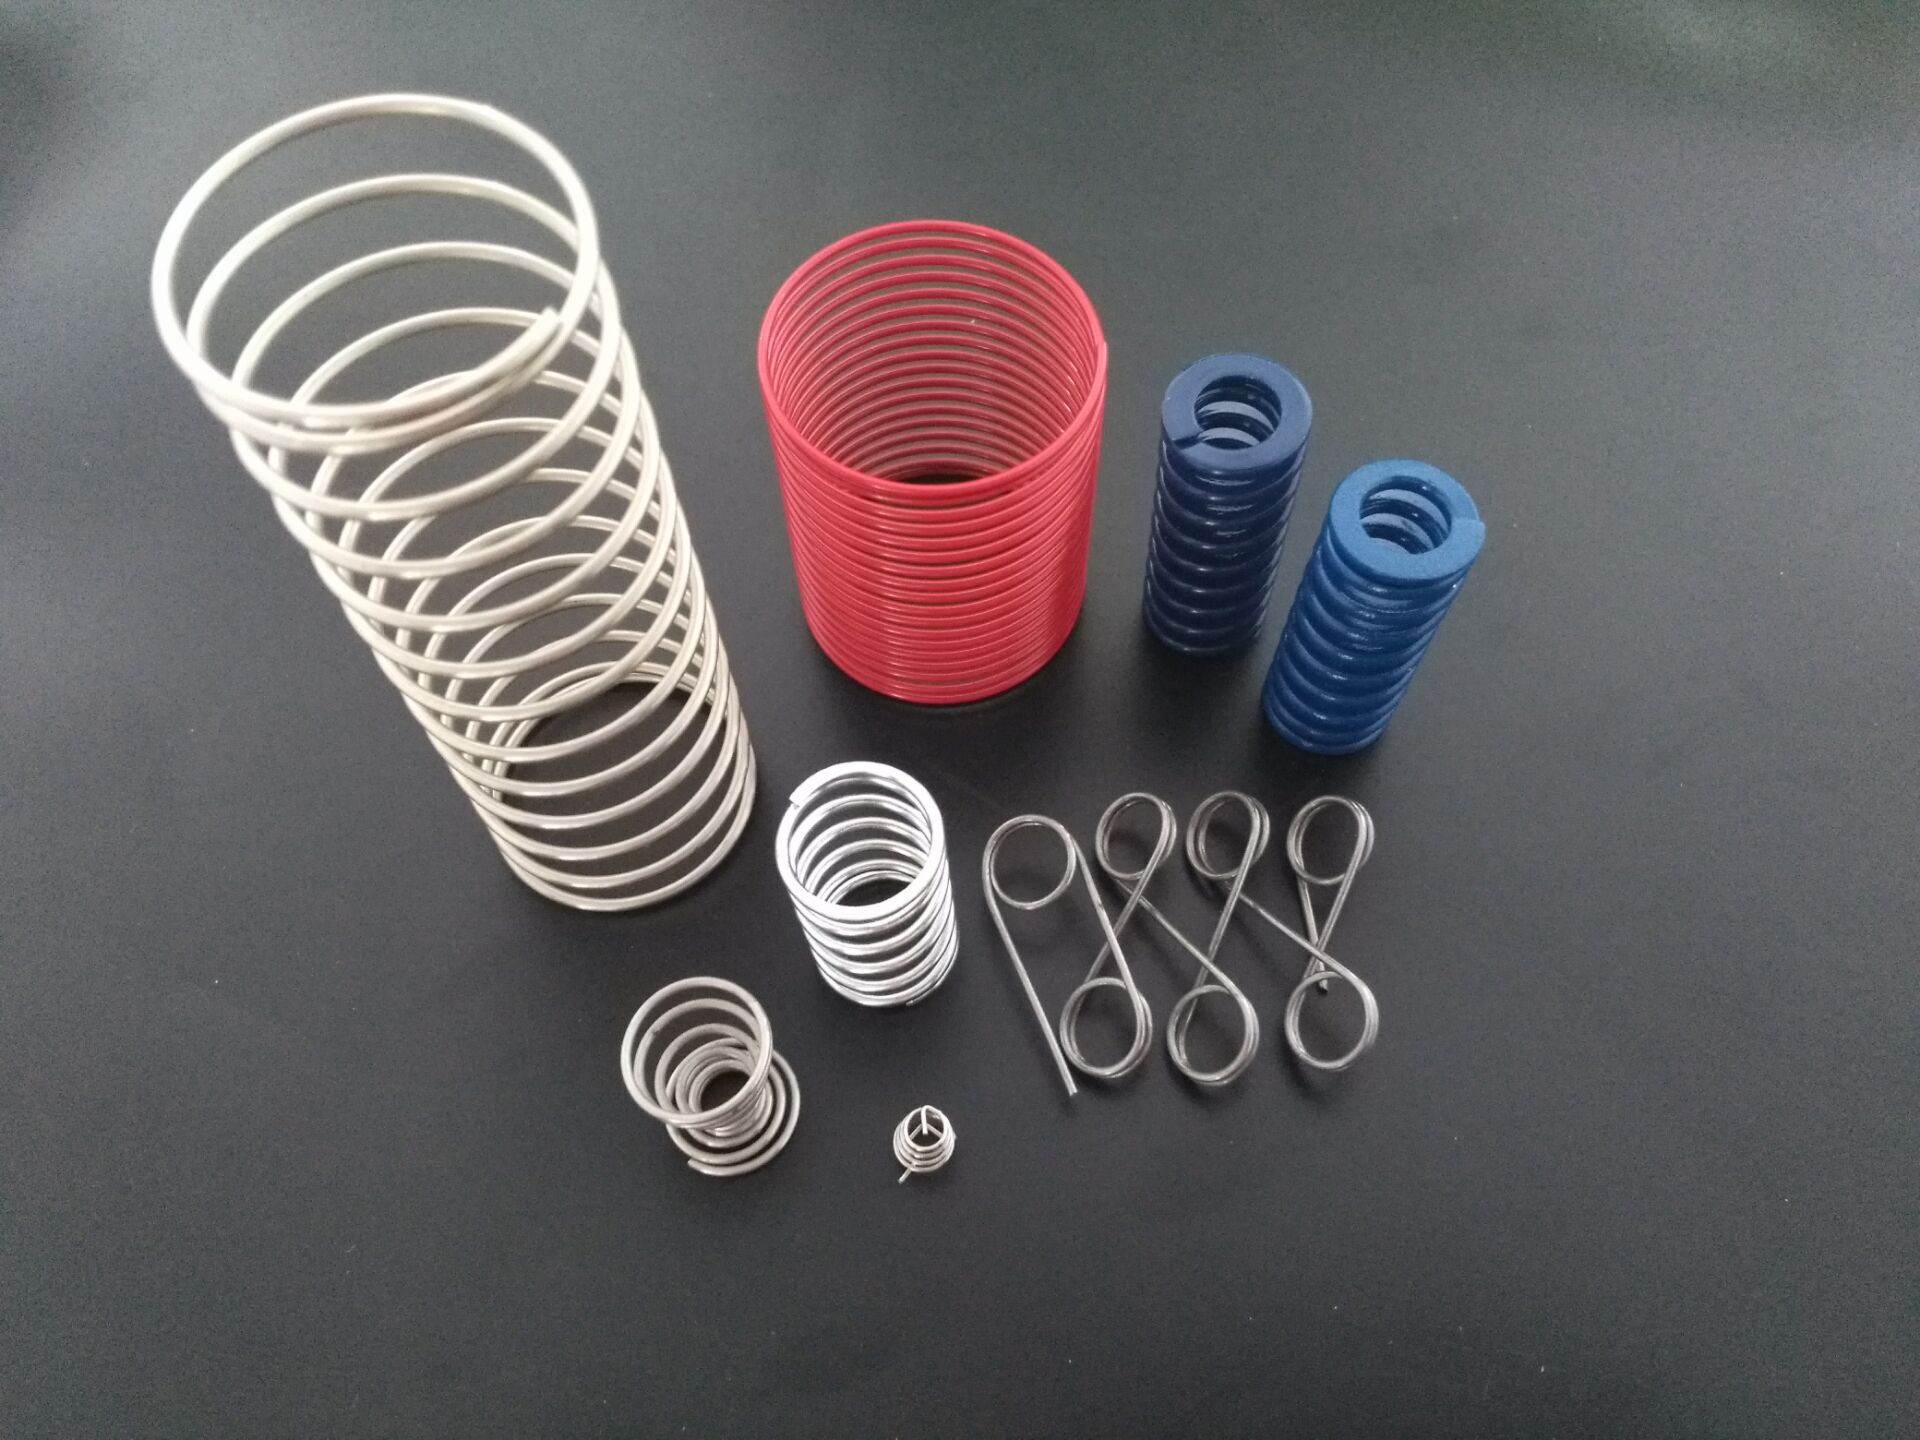 弹簧供应商应注重弹簧品质